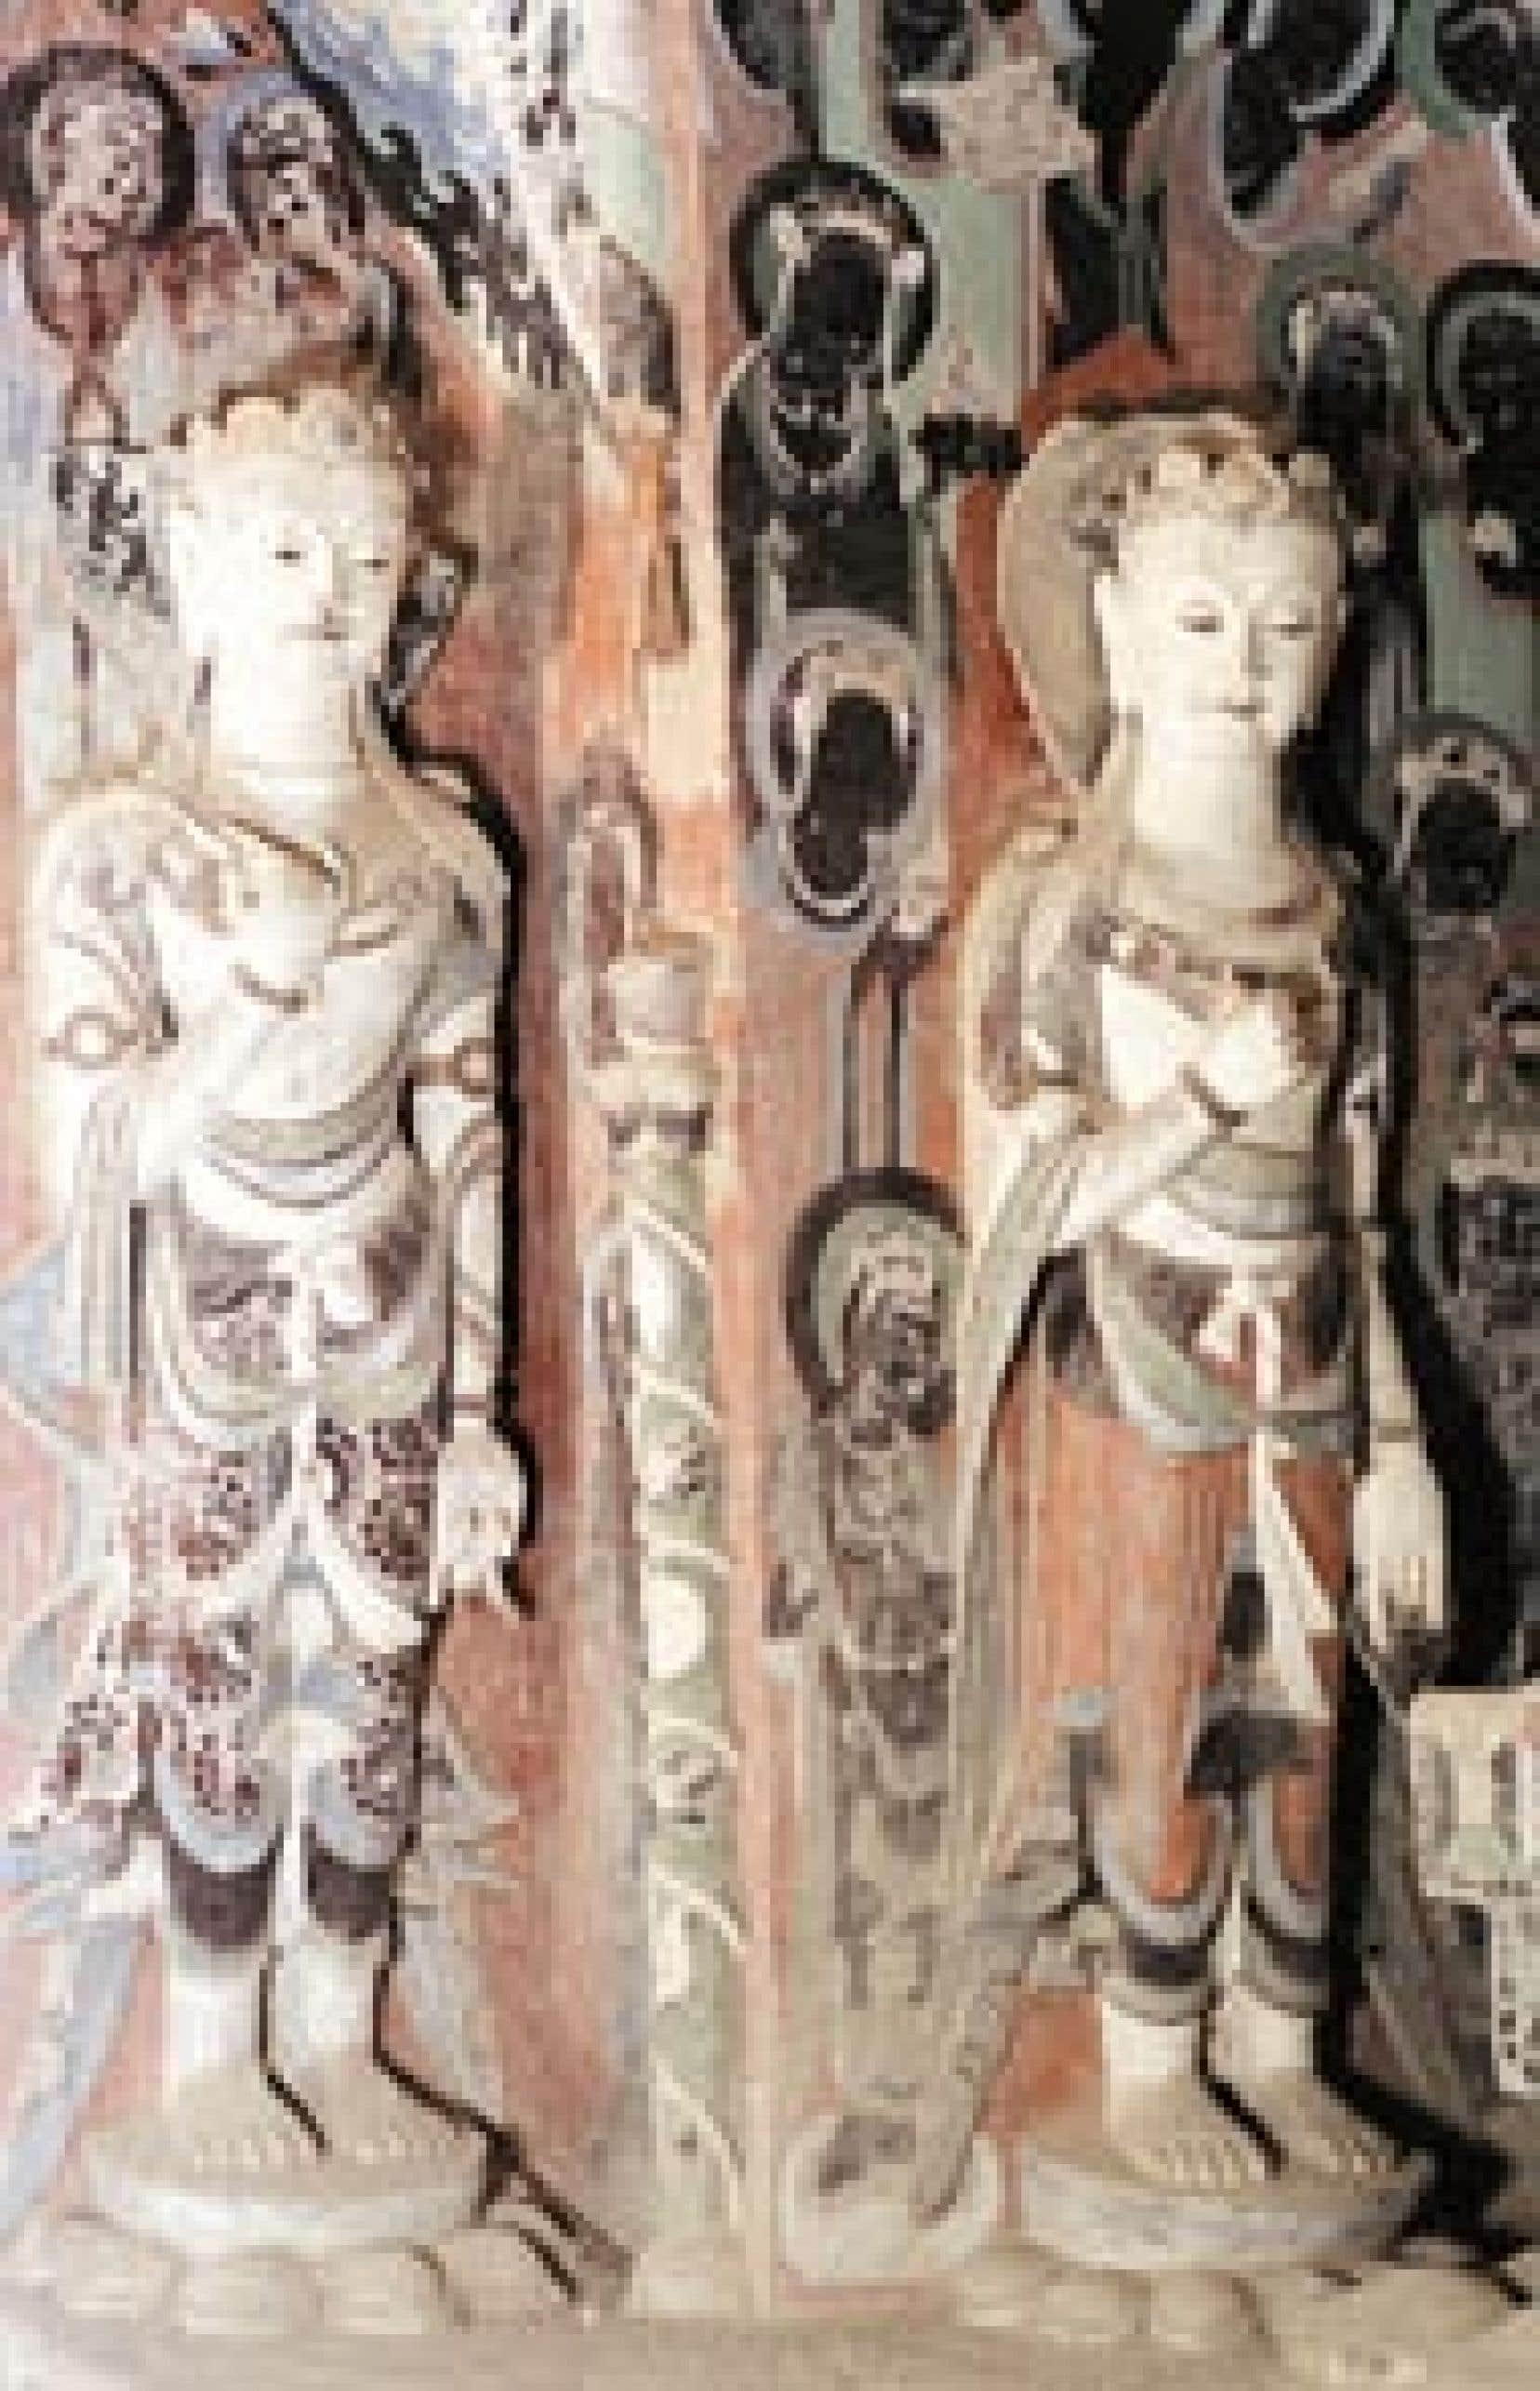 Les grottes des Mille Bouddhas, à Dunhuang, dans le désert de Gobi. L'une des merveilles du passé, objet d'une grande fierté nationale en Chine classé Patrimoine mondial de l'UNESCO. — Newscom